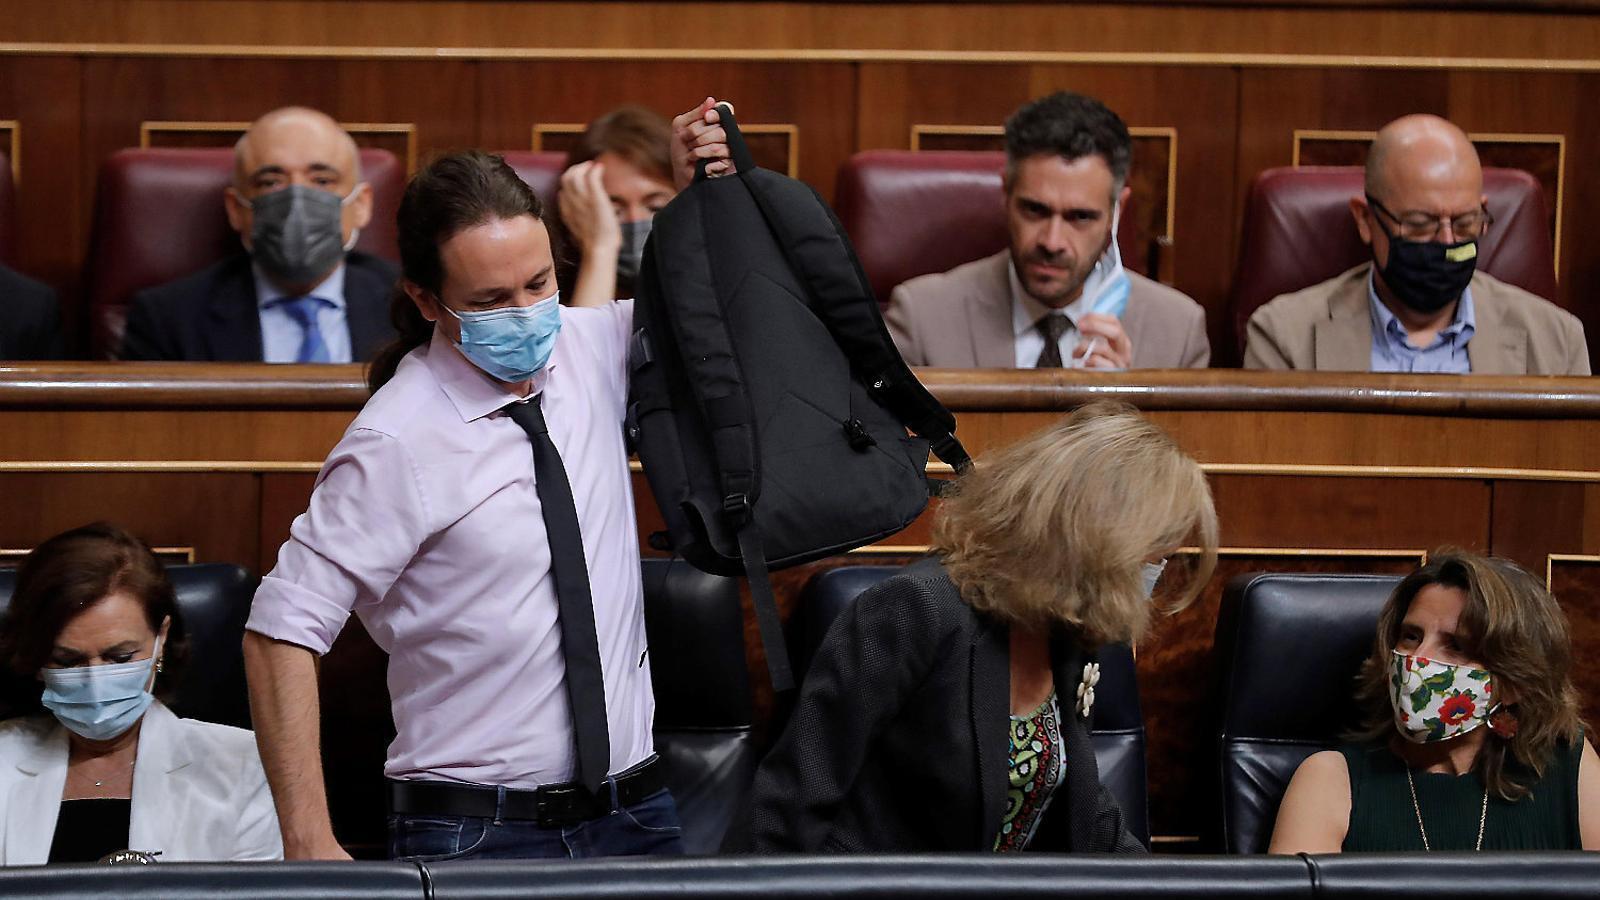 El front judicial enxampa Podem en el seu pitjor moment